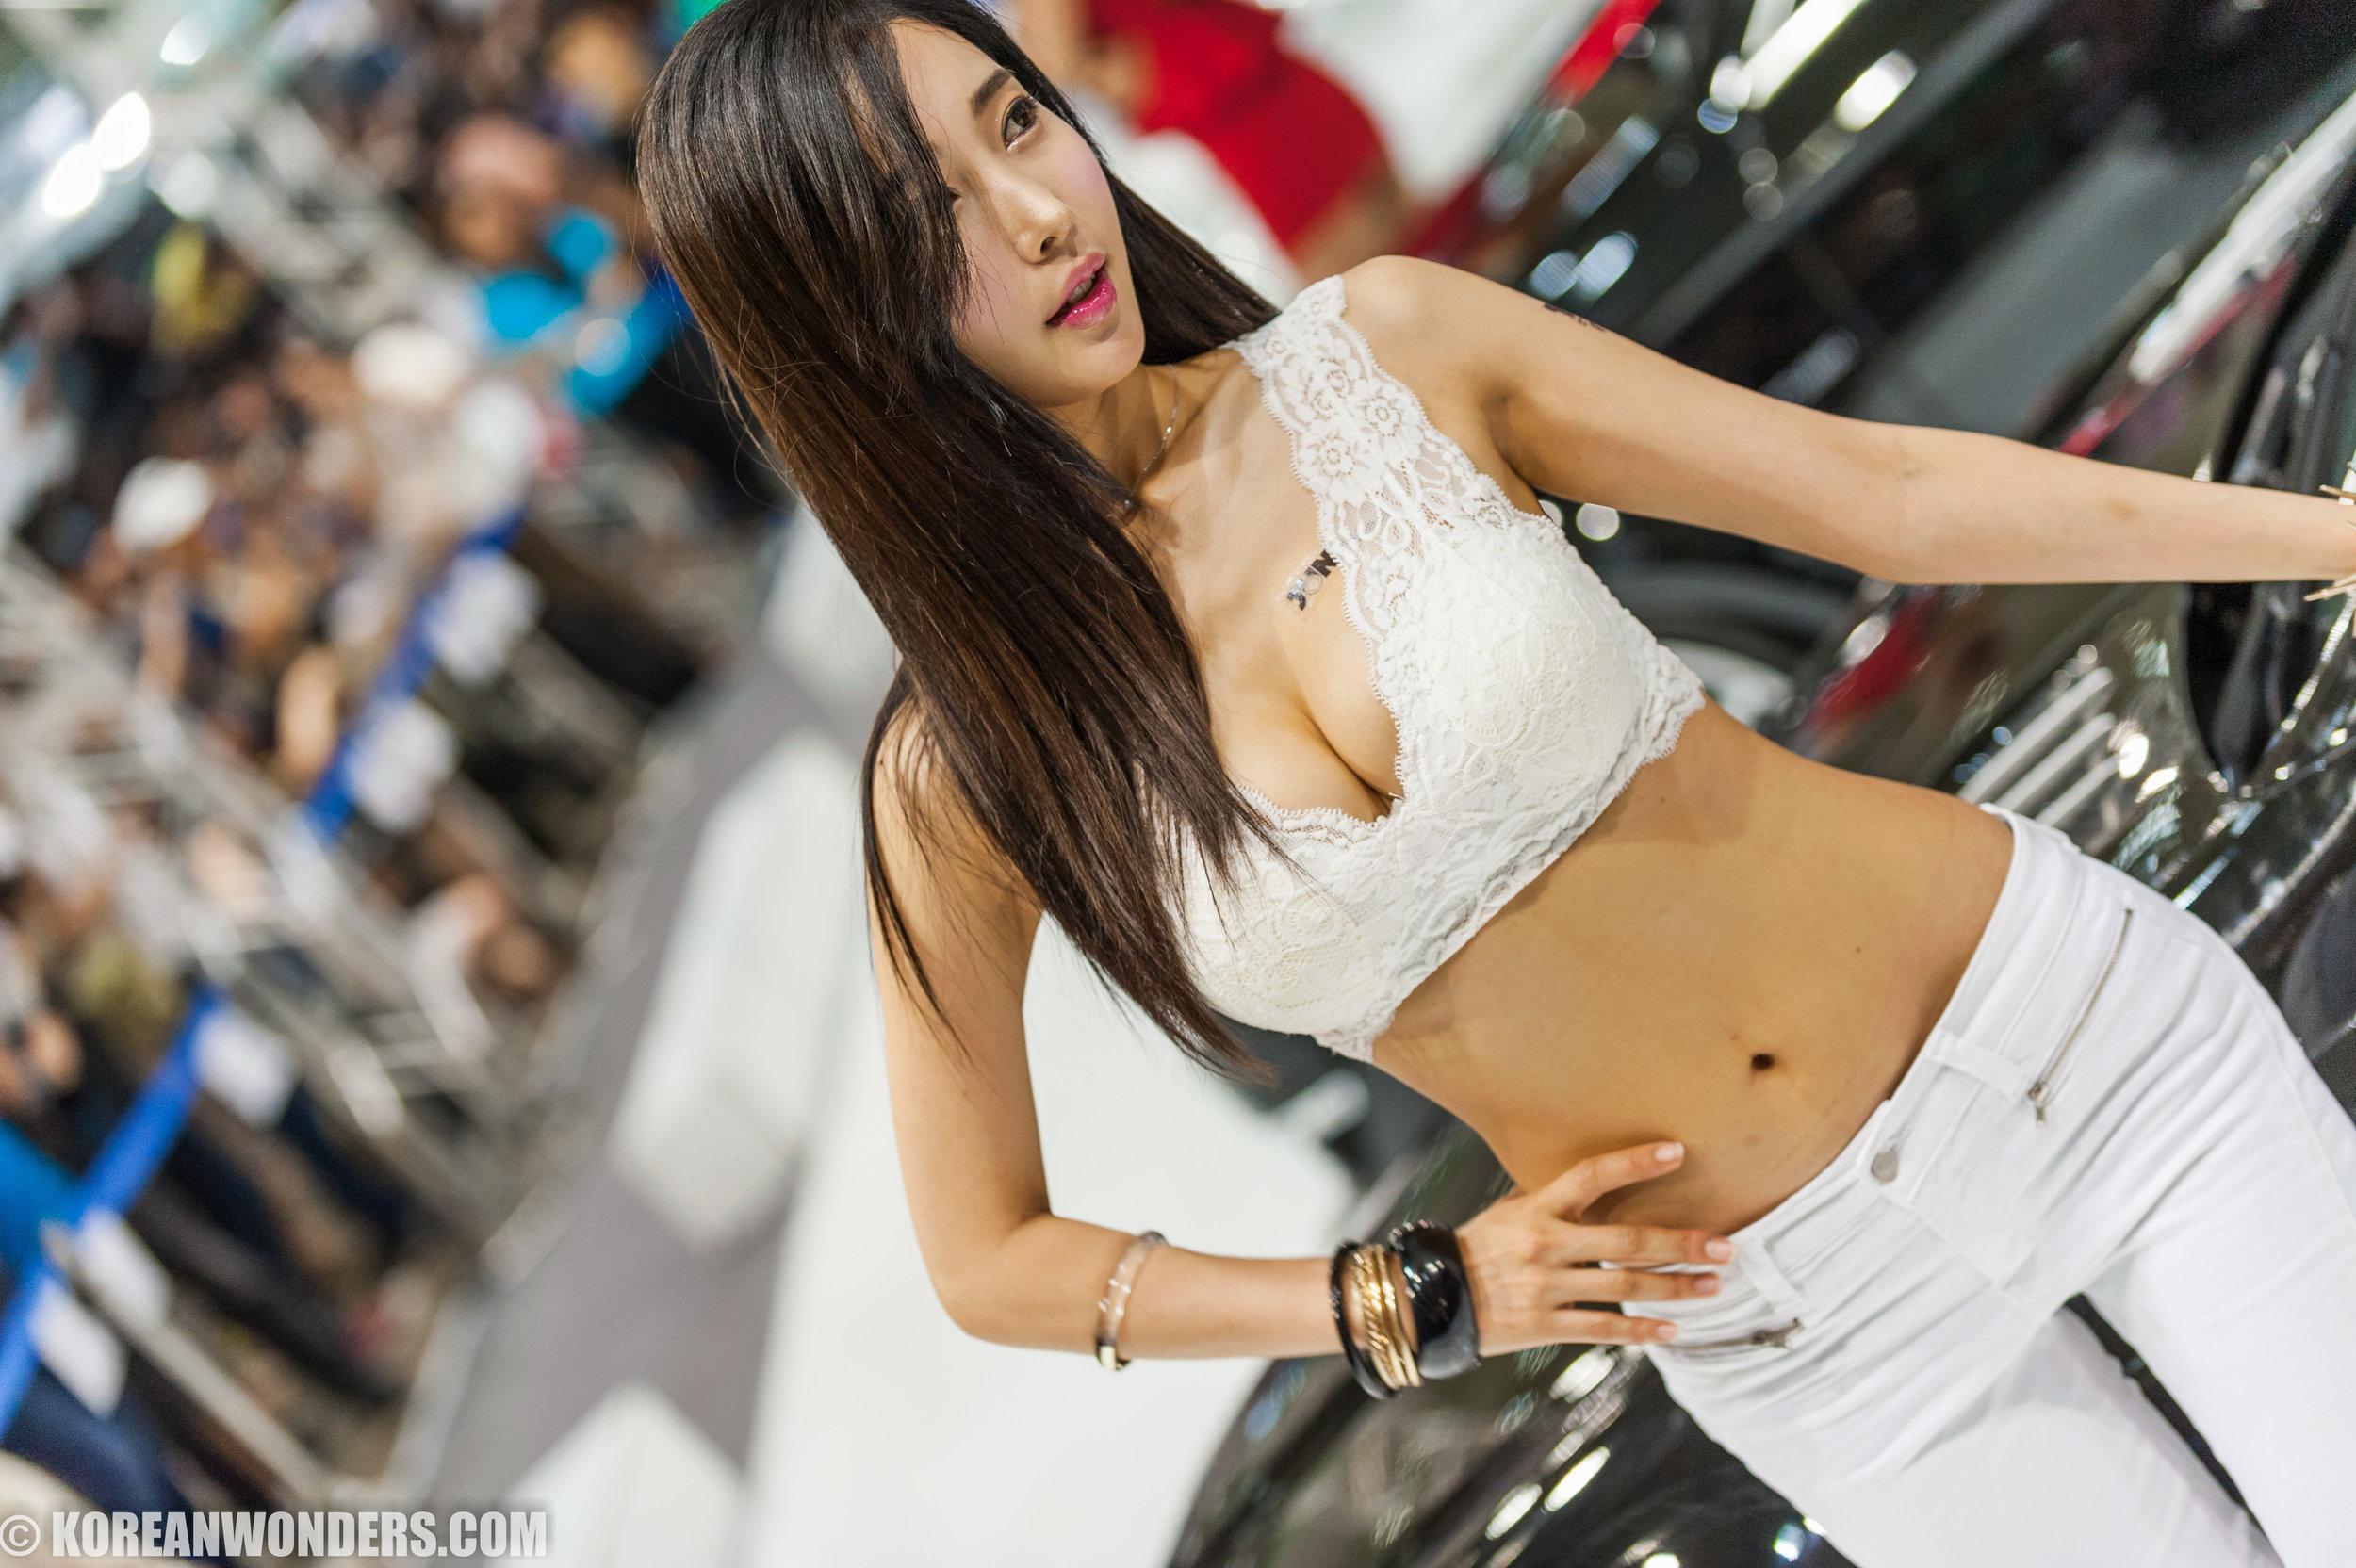 20140713_143030_KRW_4373